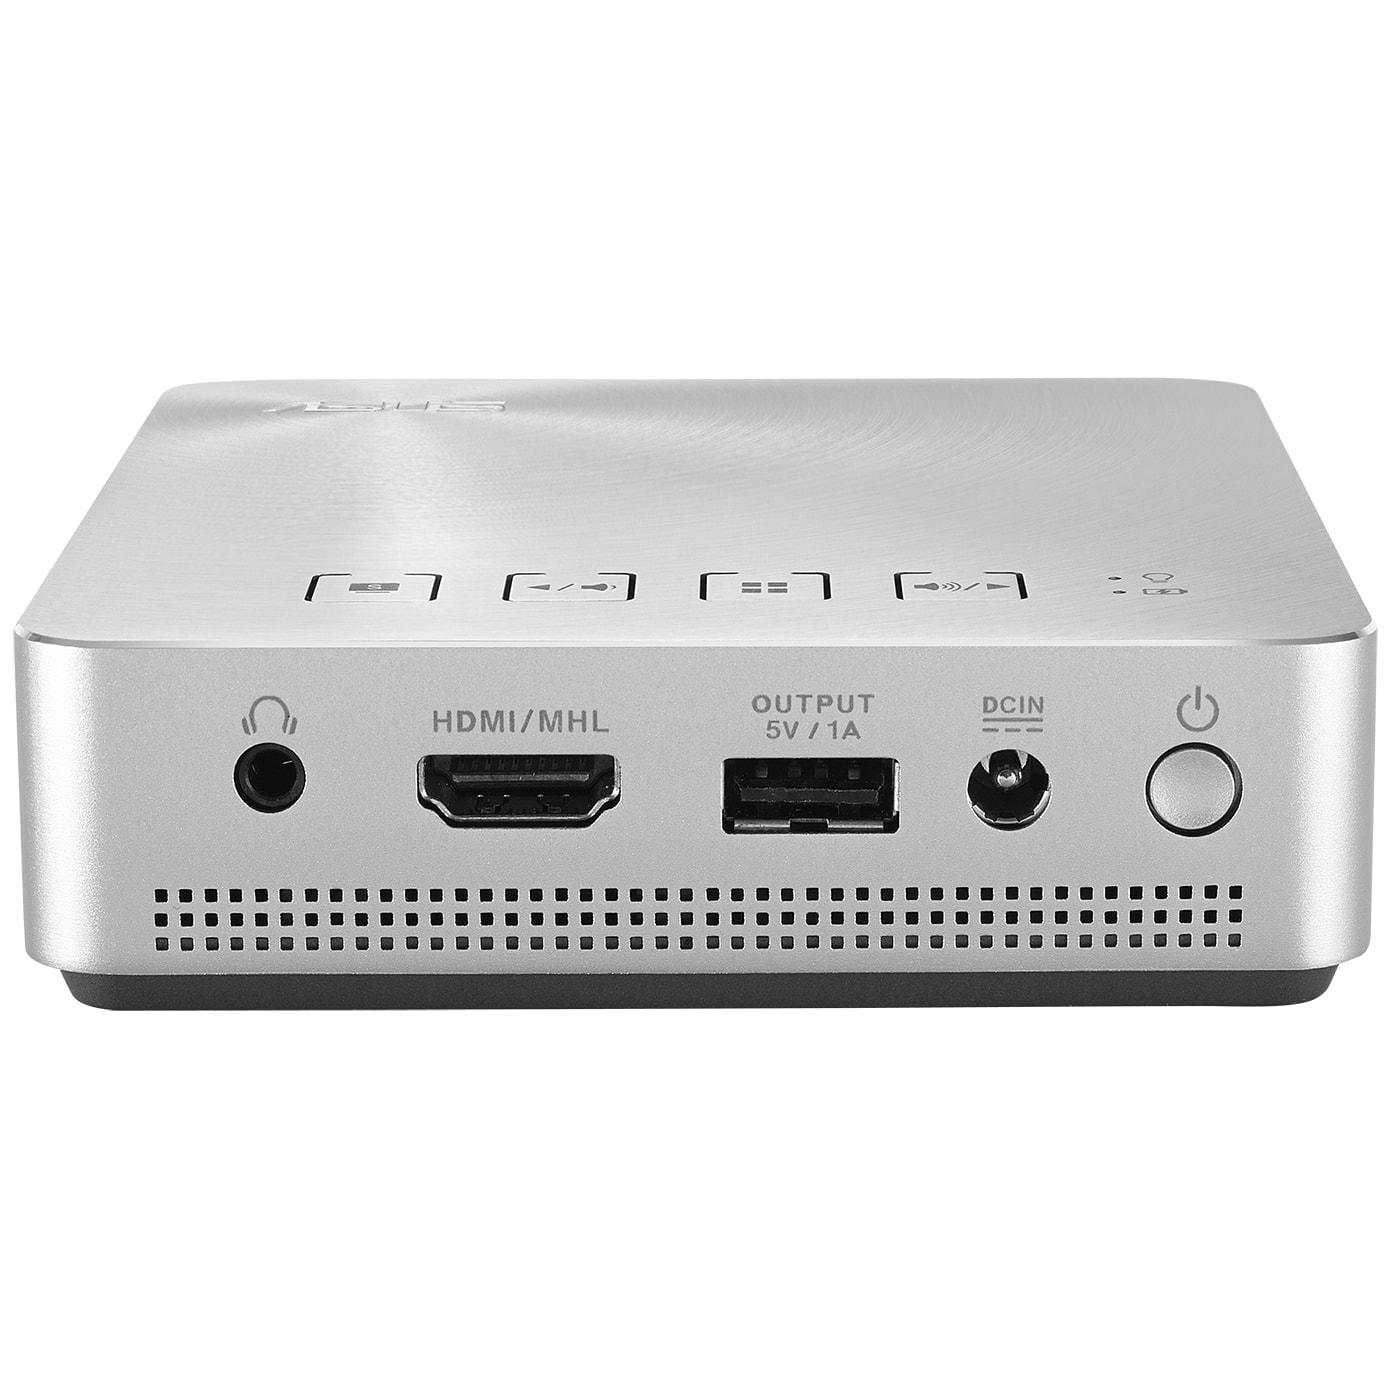 Asus S1 (90LJ0060-B00120) - Achat / Vente Vidéoprojecteur sur Cybertek.fr - 2